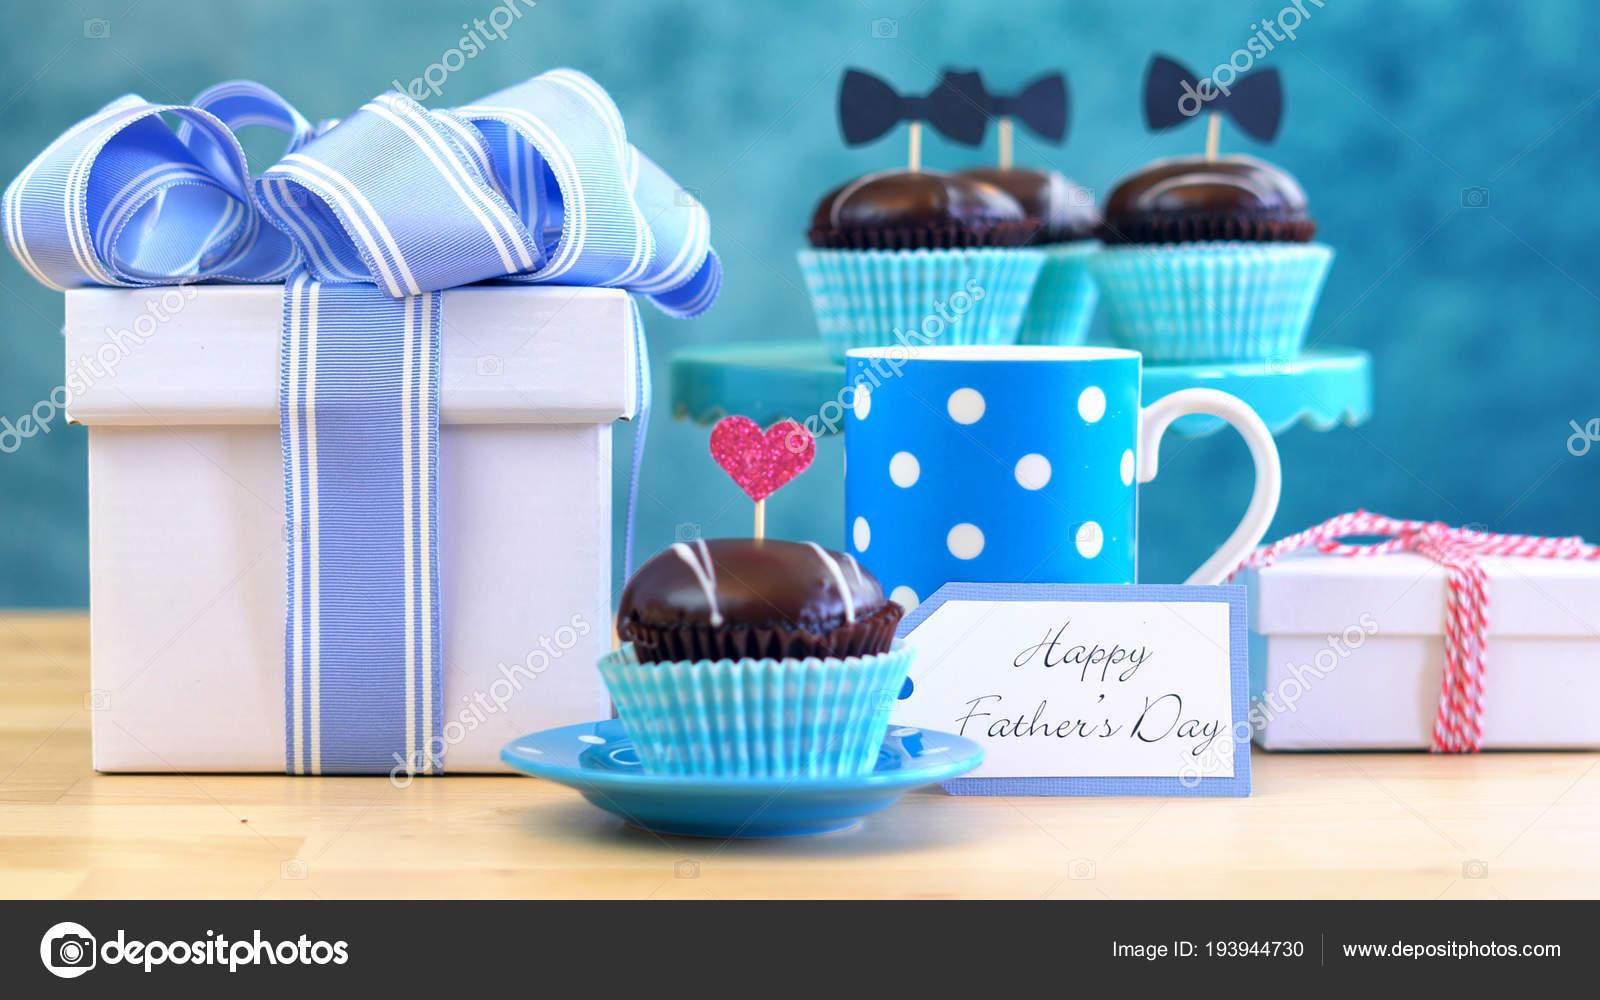 Vatertag in der Nähe von Geschenken, Muffins und Kaffee am Tisch ...